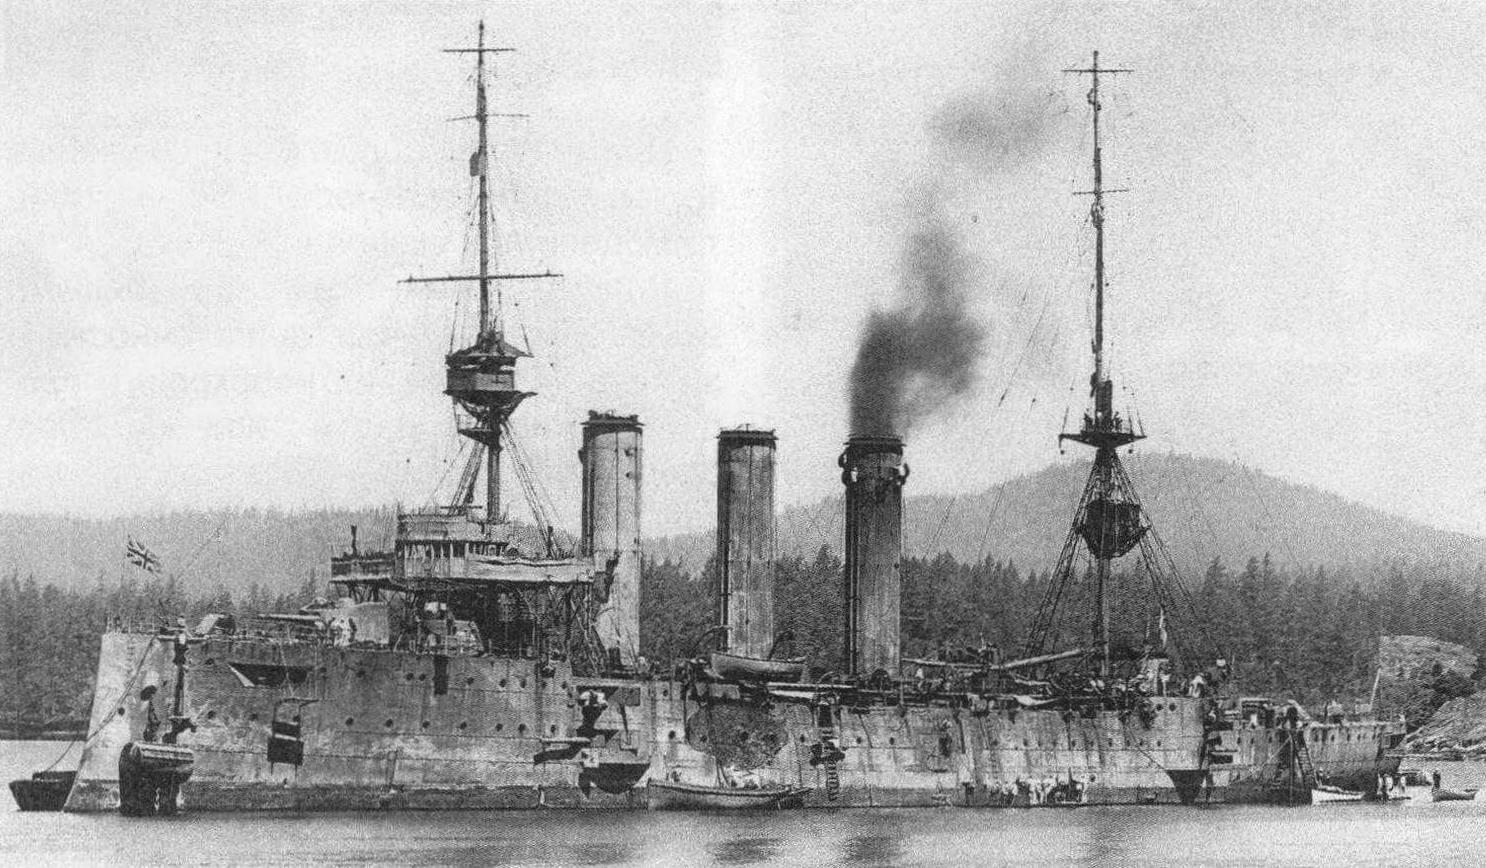 Броненосный крейсер «Кент» на якорной стоянке, 1915 год